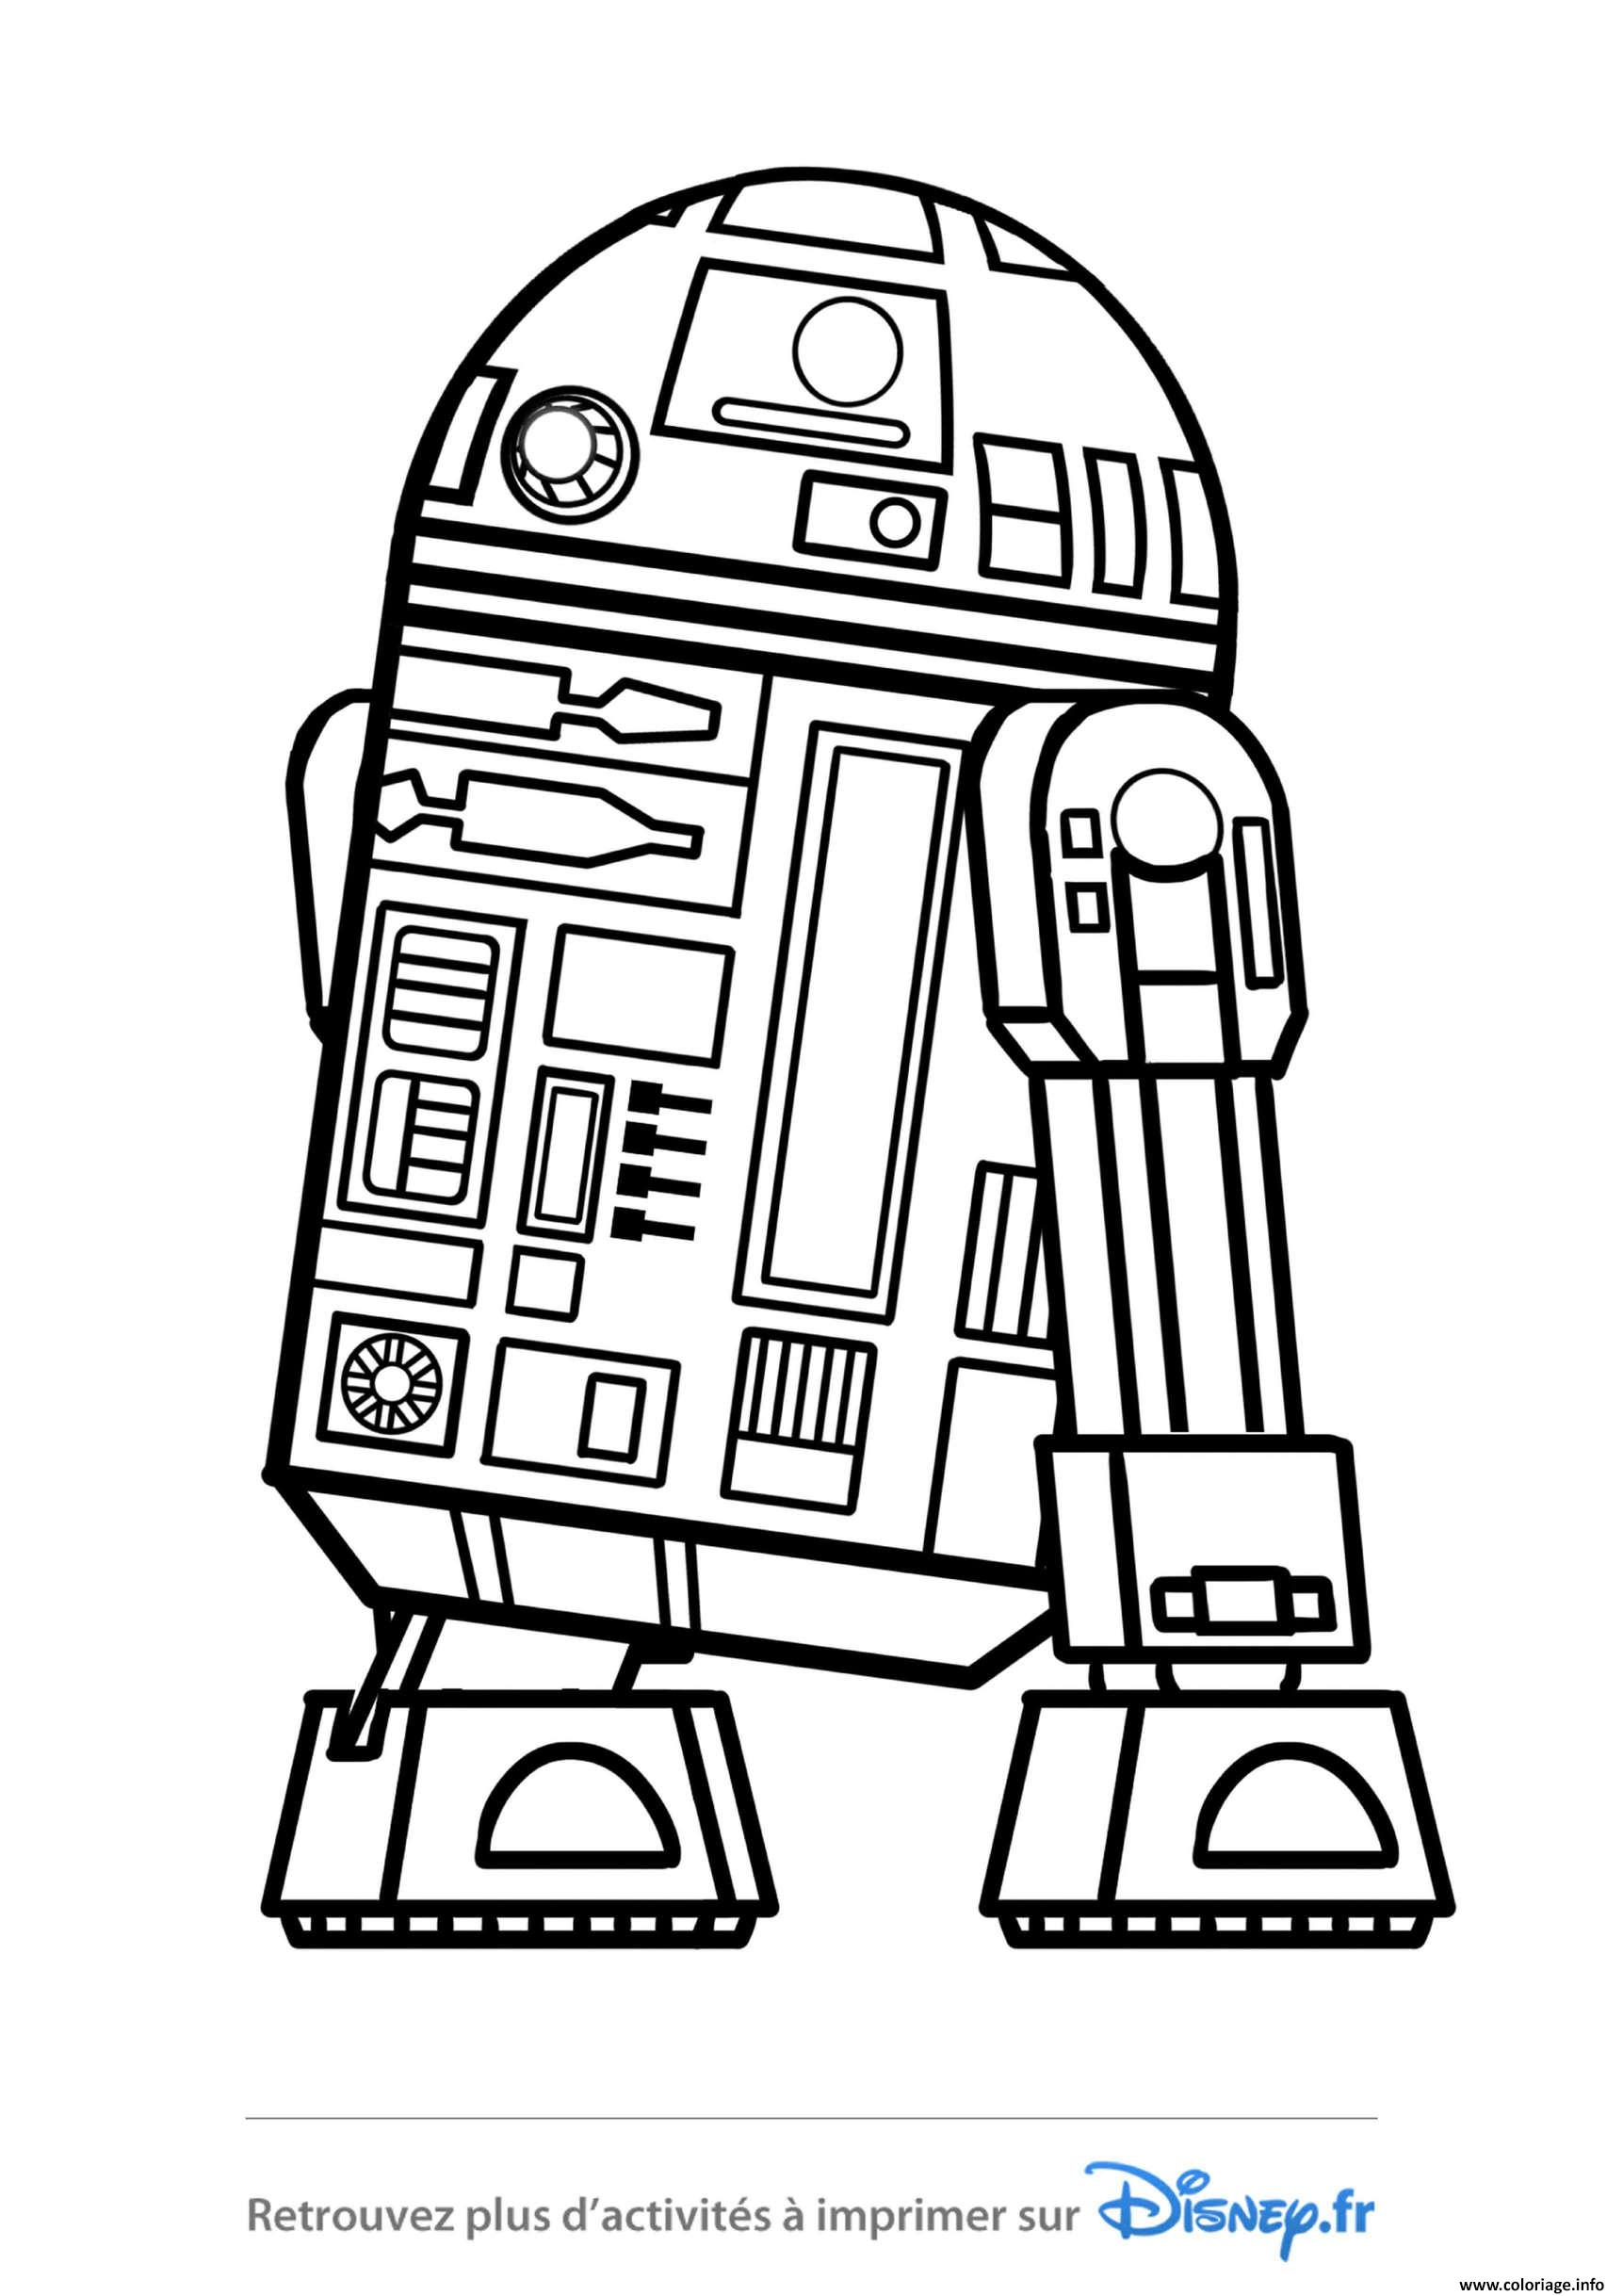 Coloriage Star Wars R2d2 Disney 2019 Dessin